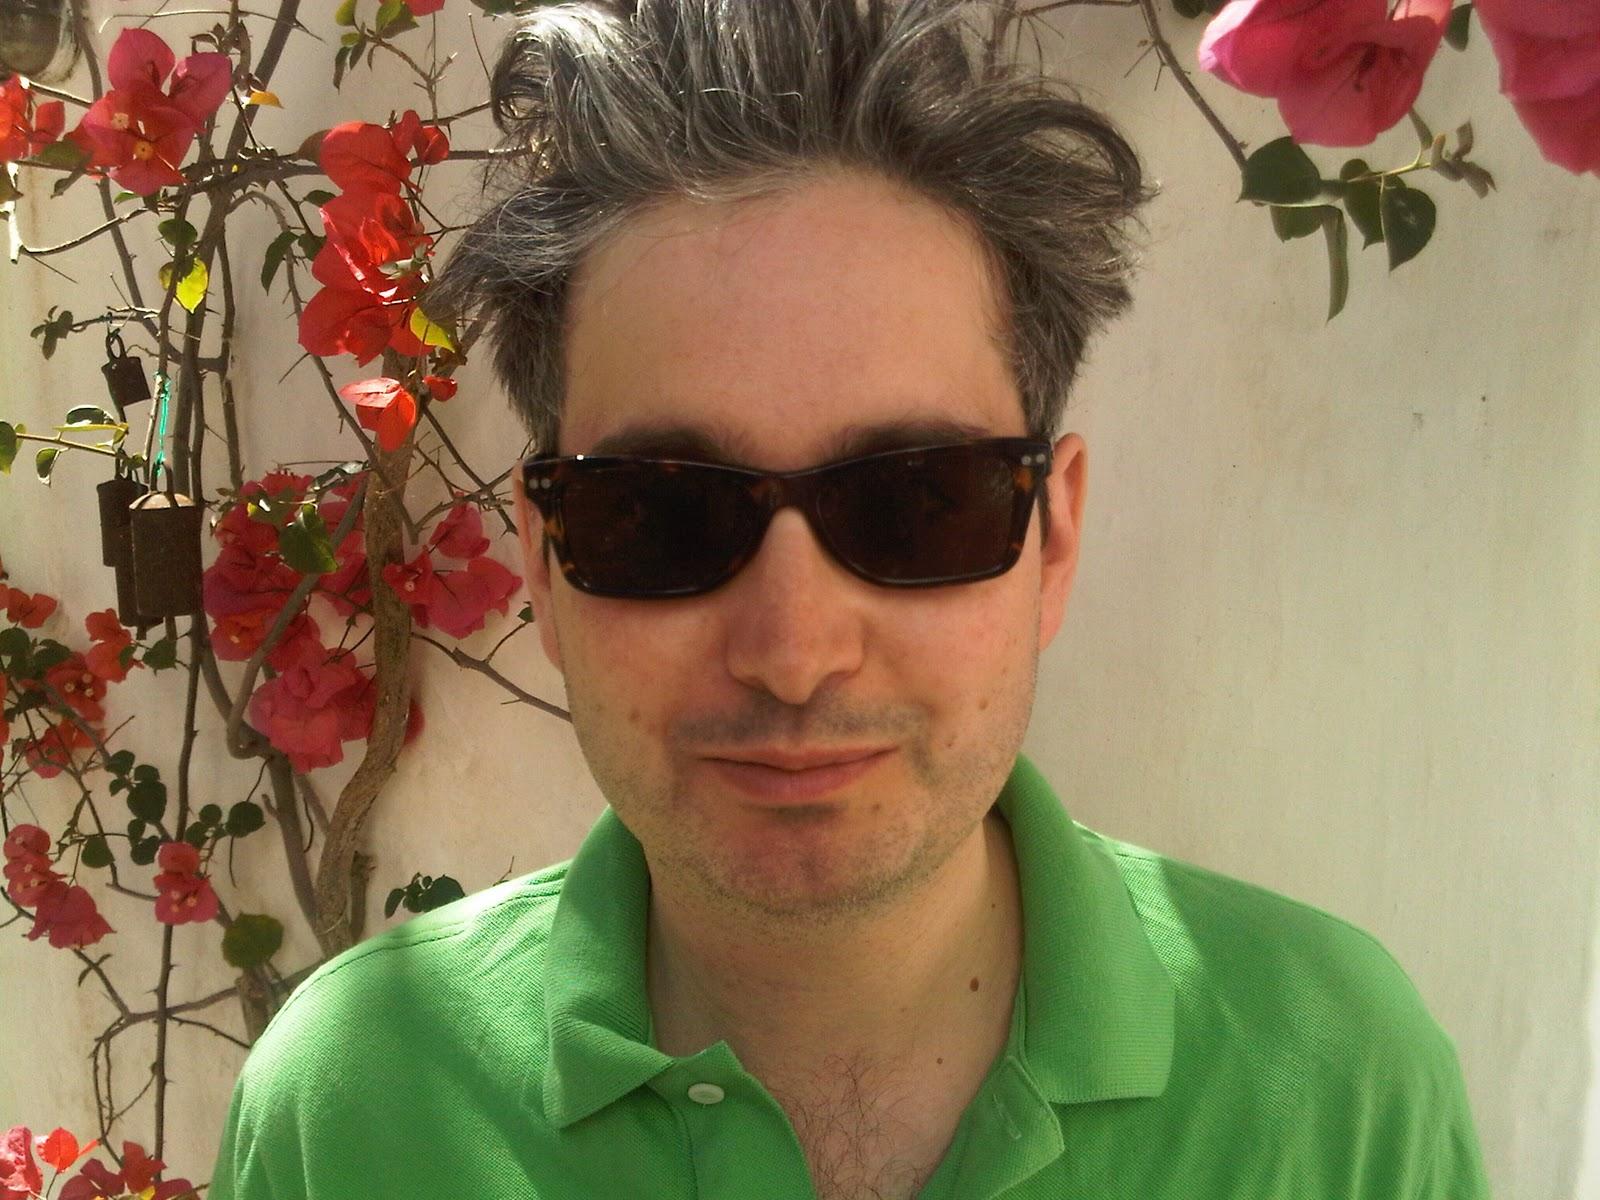 http://3.bp.blogspot.com/_0j0mlceWh38/TA7JXN1jguI/AAAAAAAAC5s/78eHXye7DIg/s1600/Todd_On_Hydra_June2010.jpg